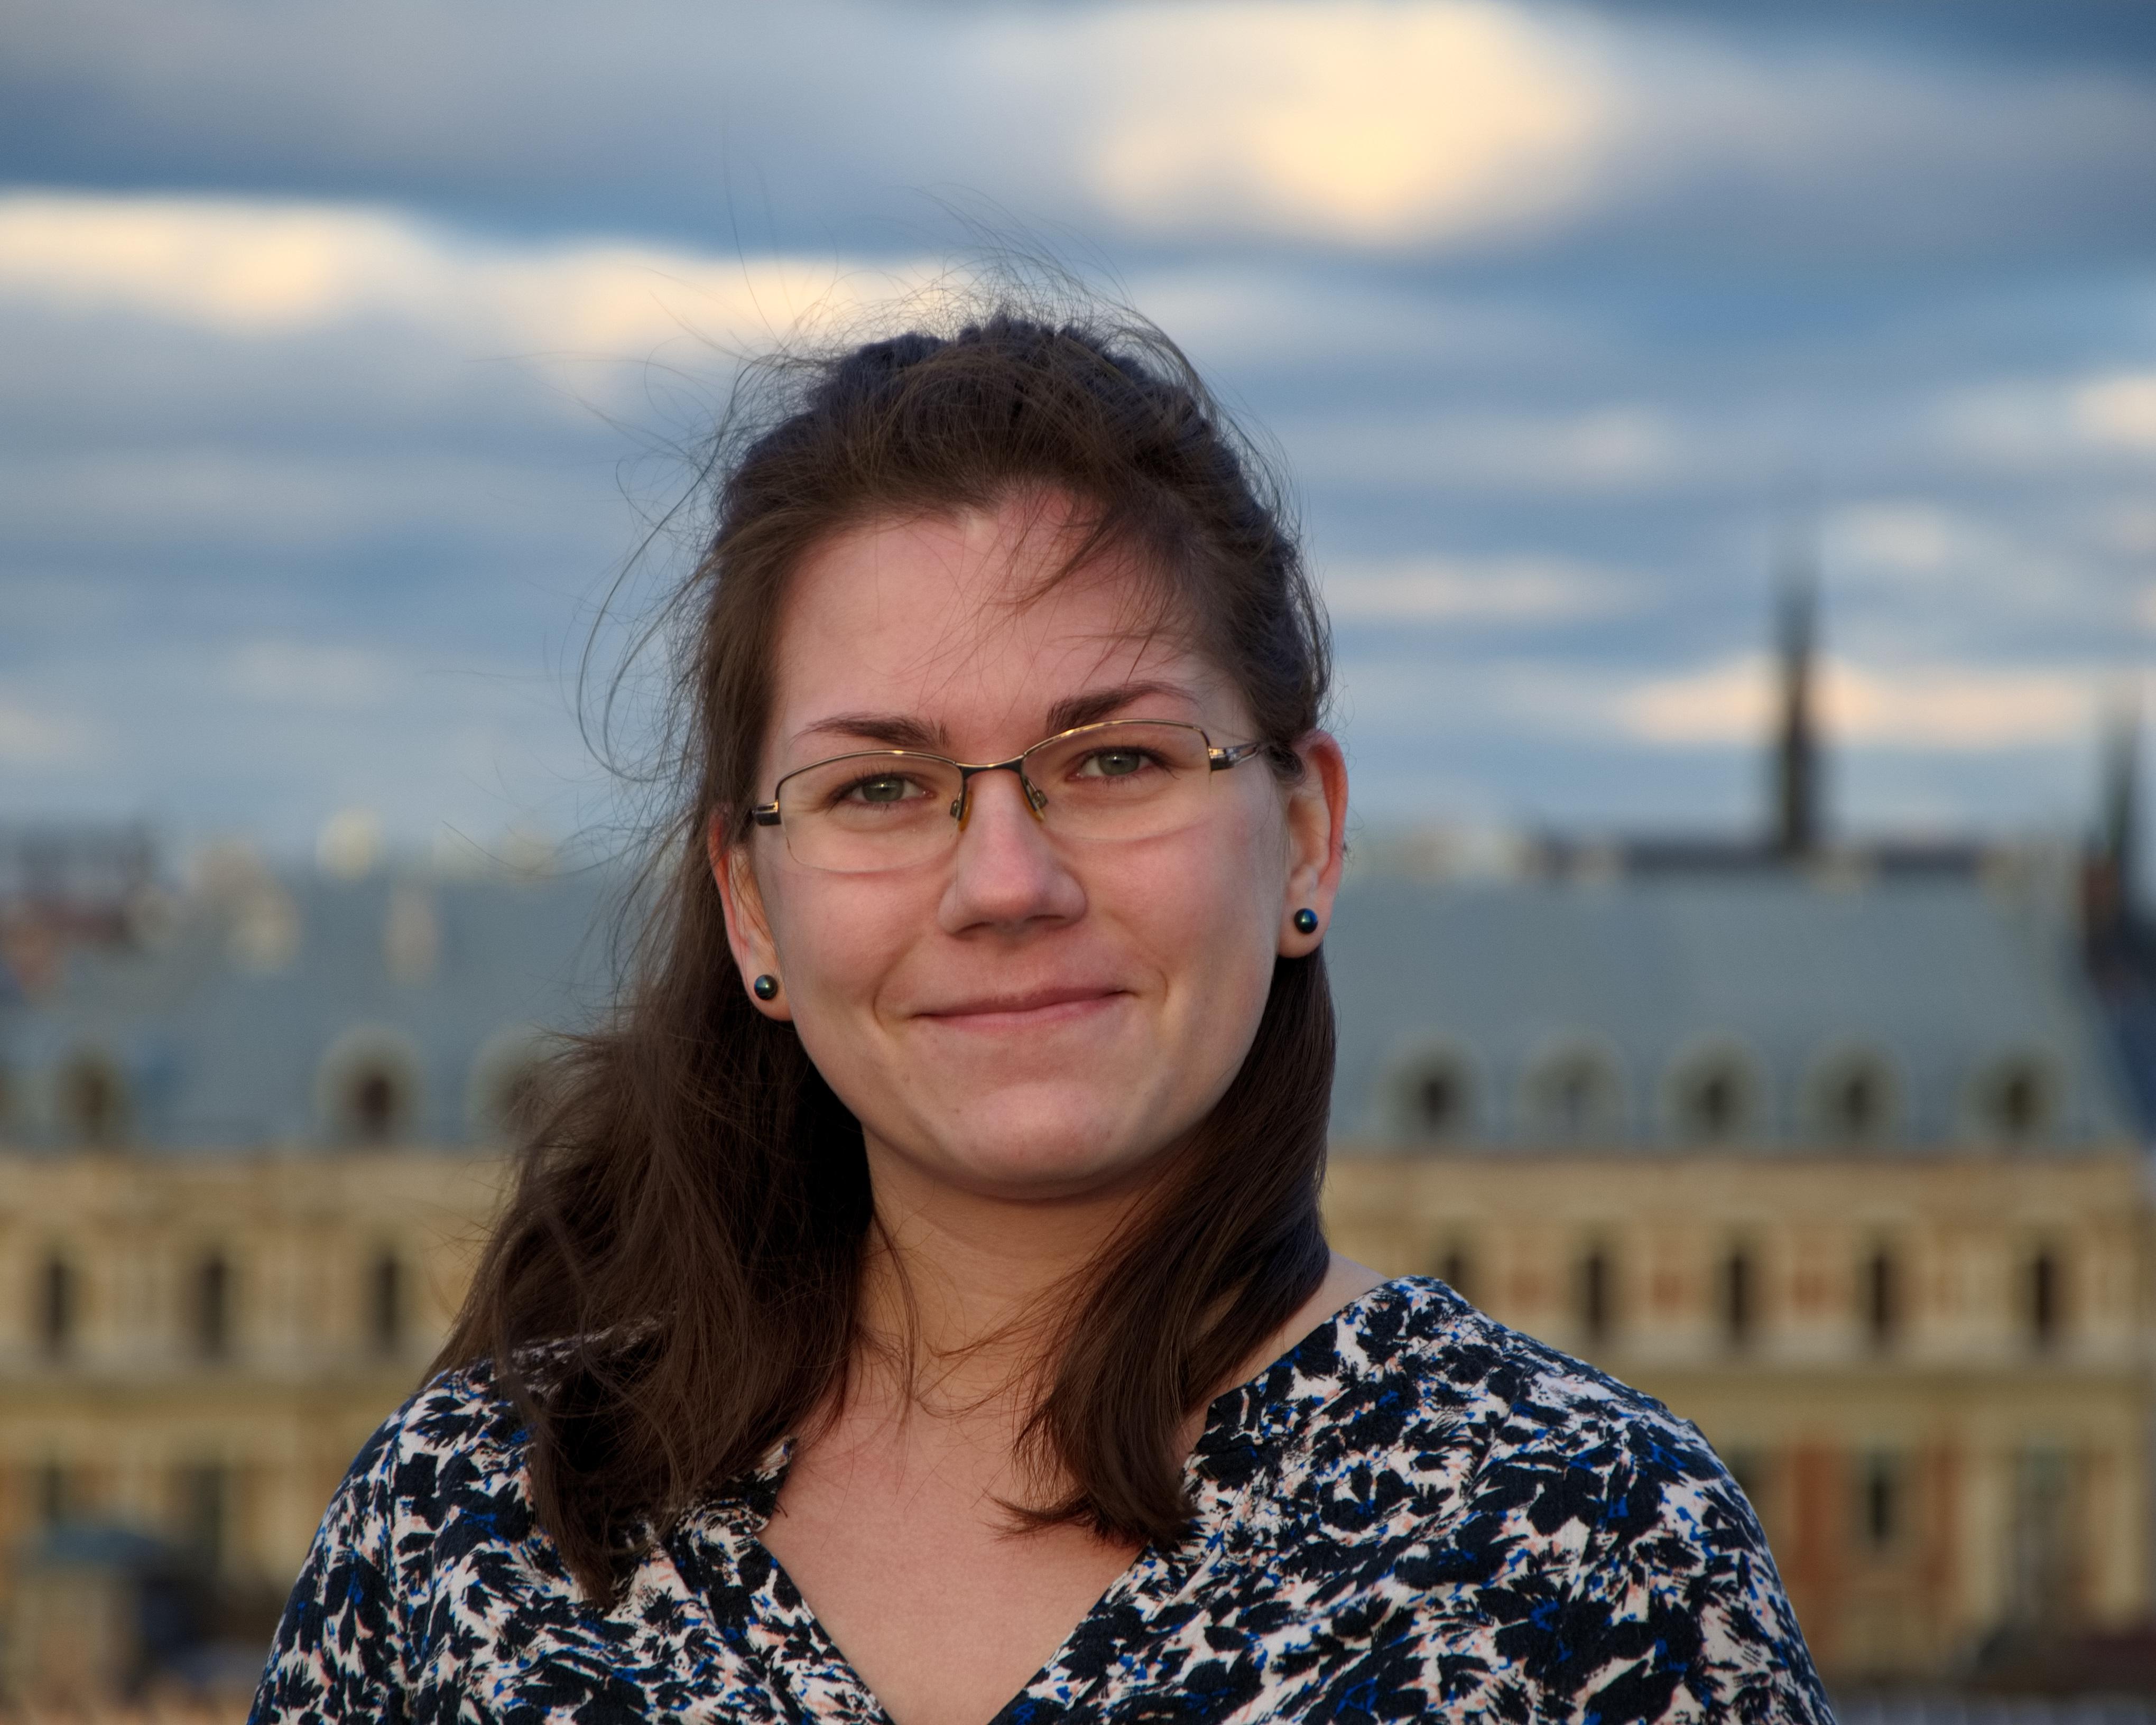 Vineta Bondarenko